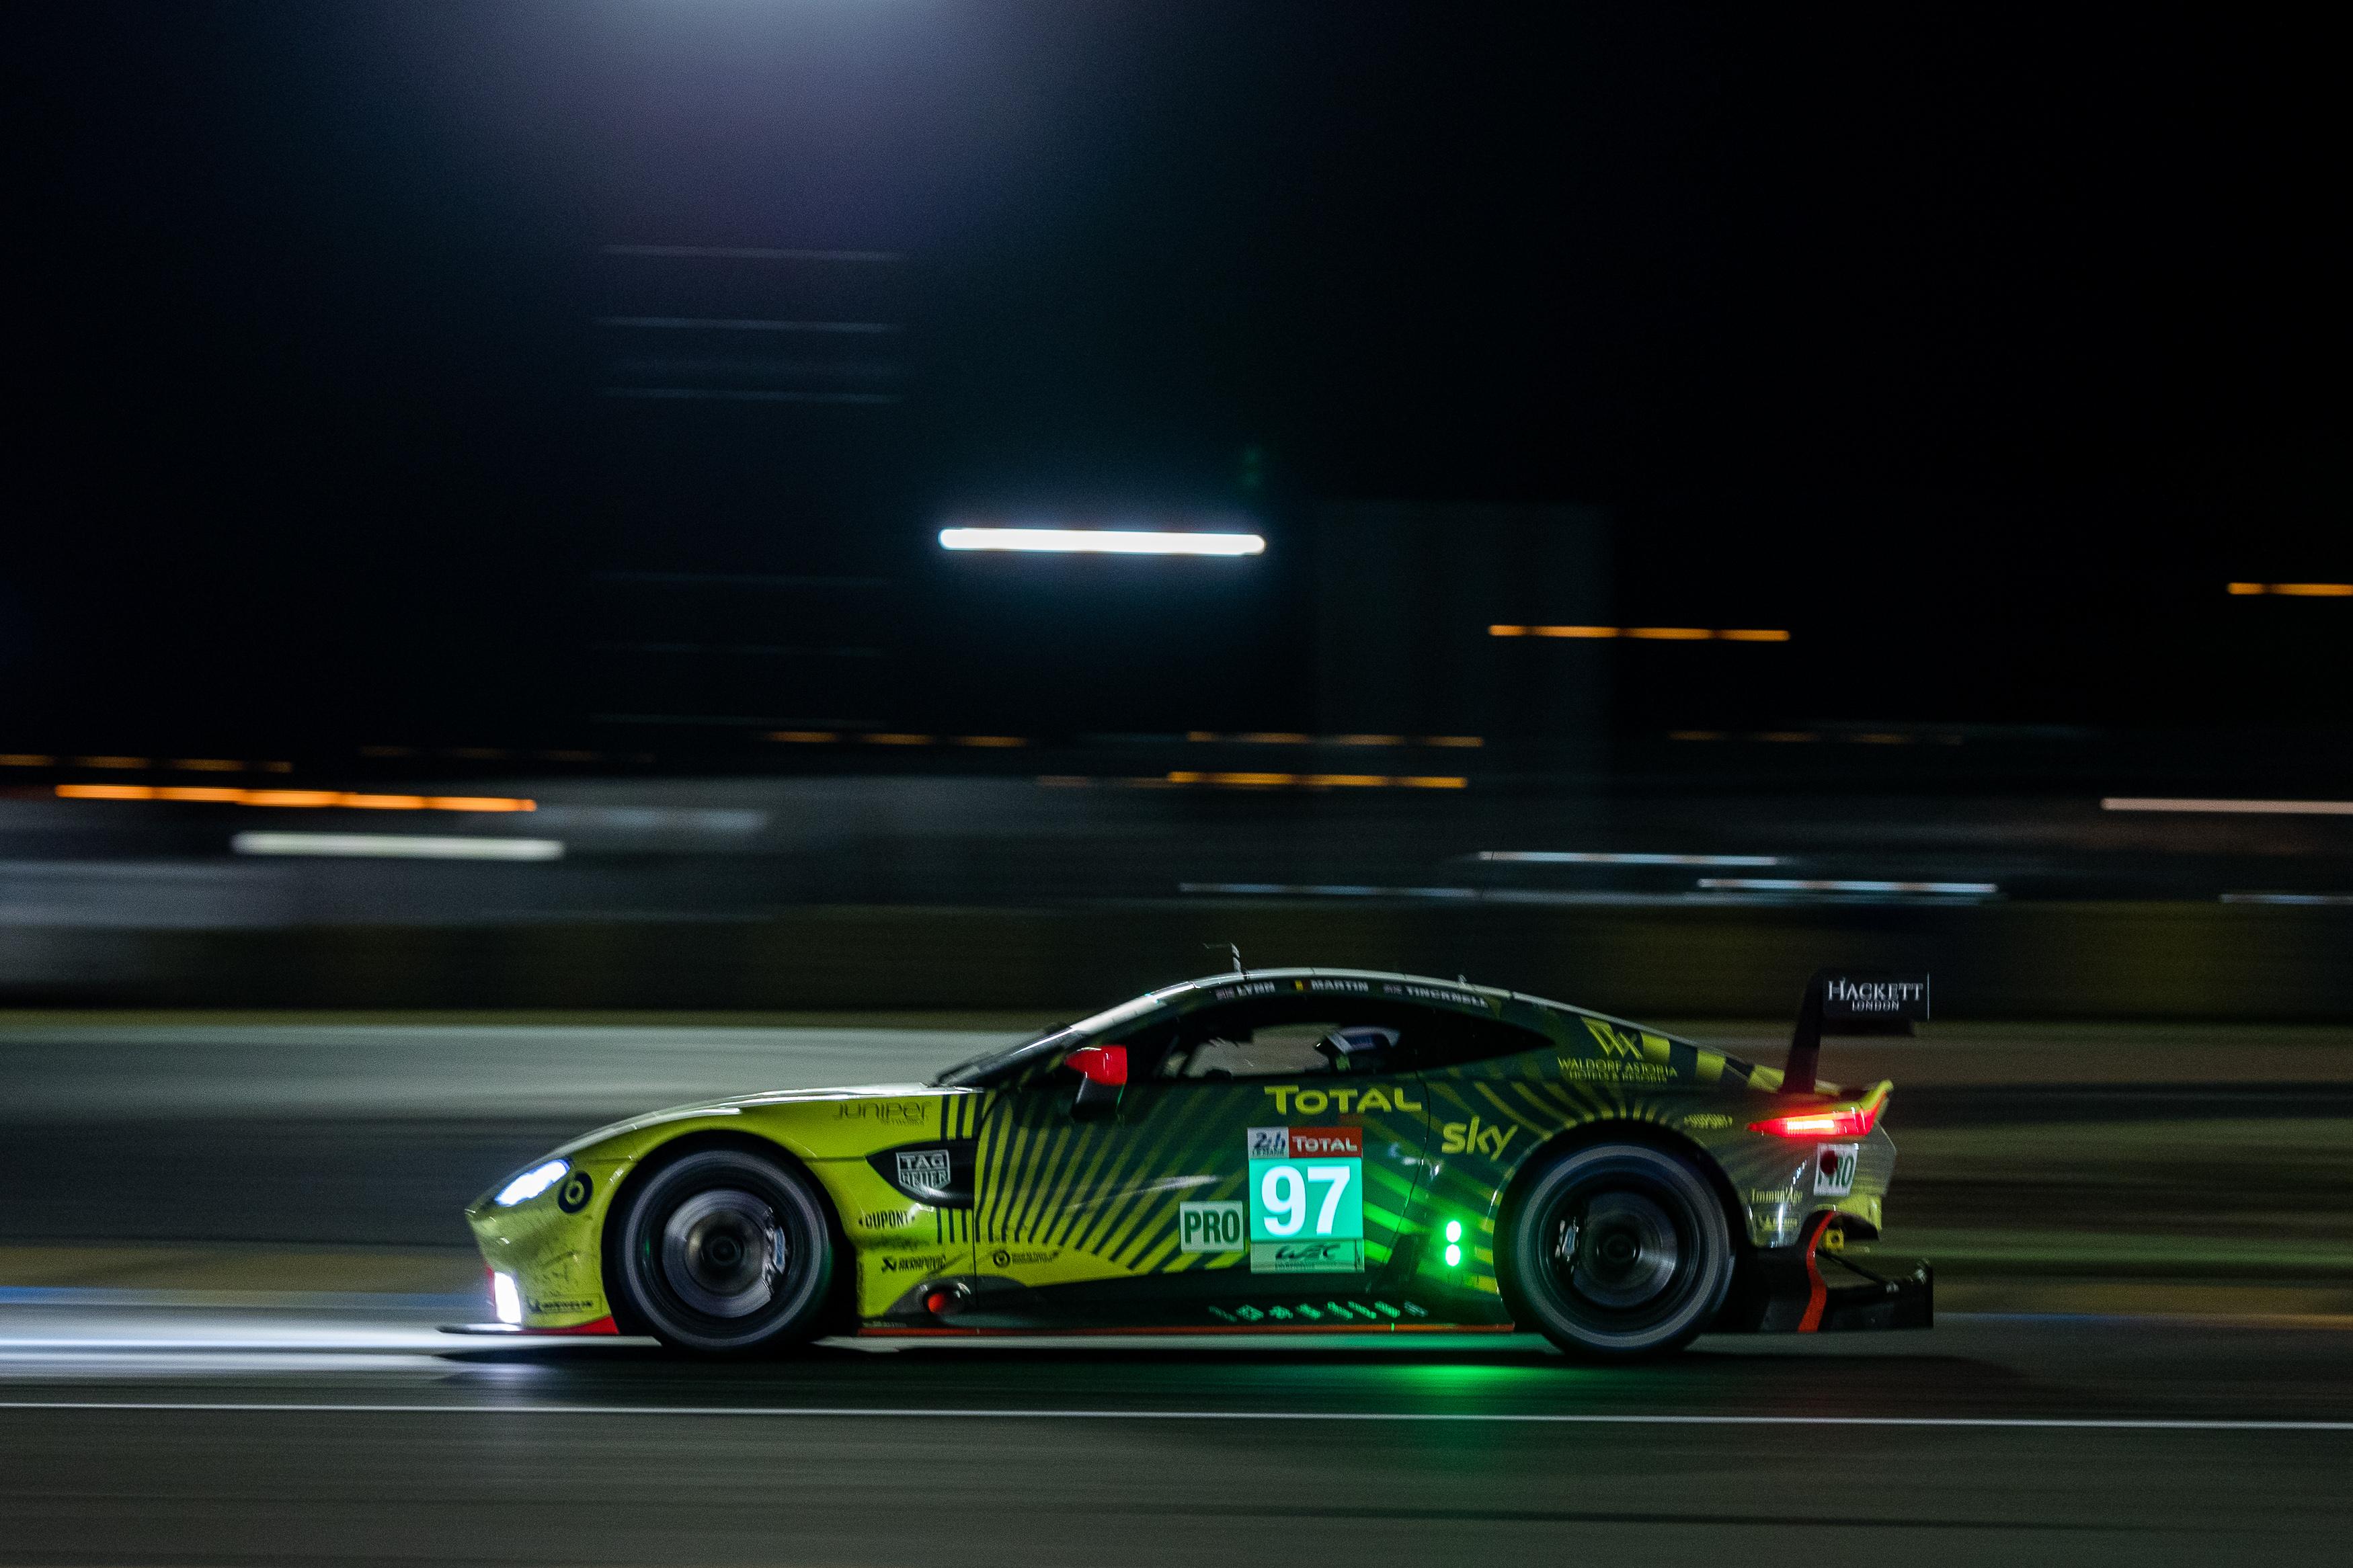 _97_aston_martin_racing_gbr.jpg